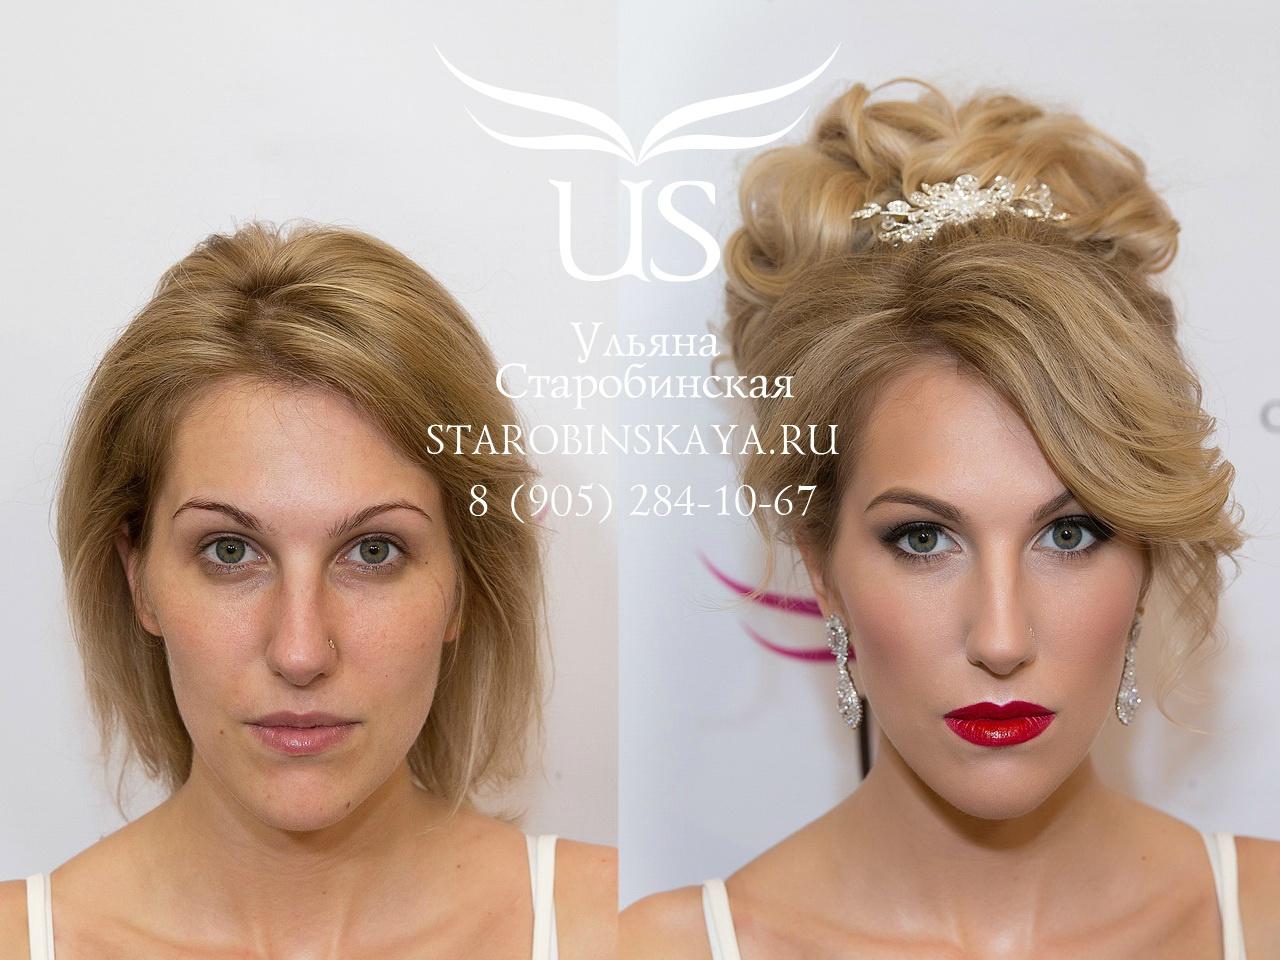 Что делается сначала макияж или прическа на свадьбу